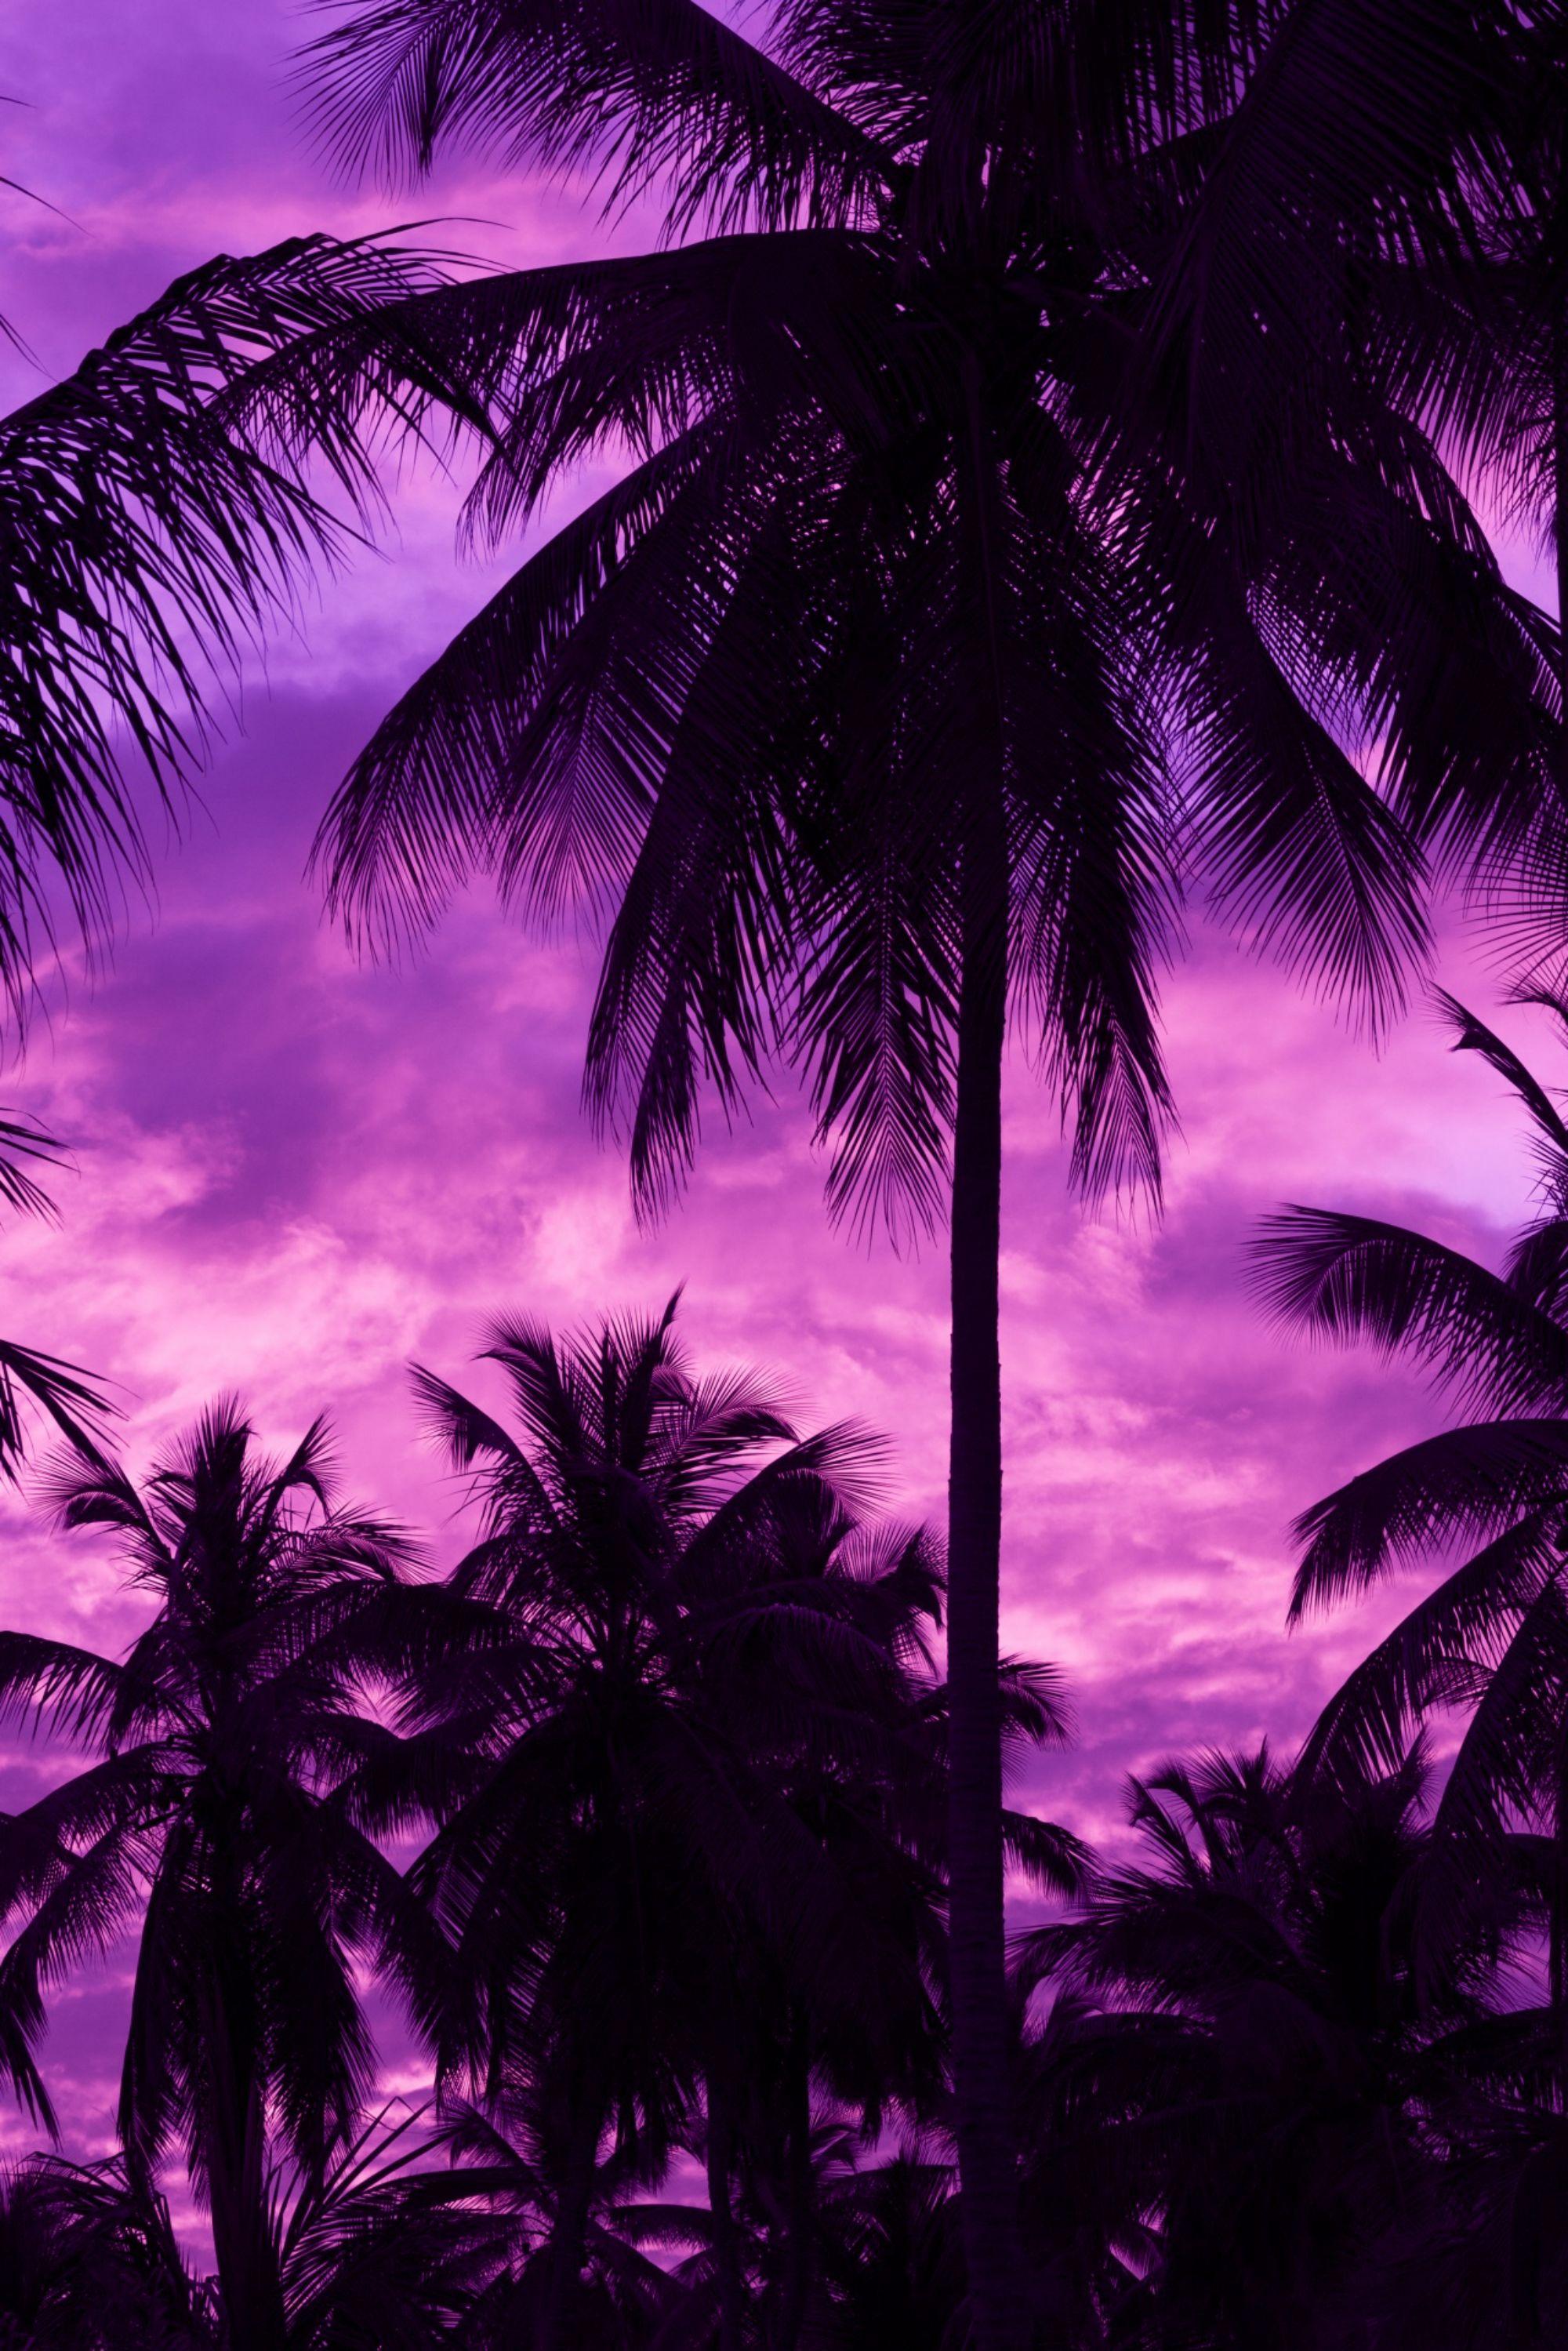 137401 скачать обои Темные, Закат, Тропики, Фиолетовый, Пальмы, Небо - заставки и картинки бесплатно